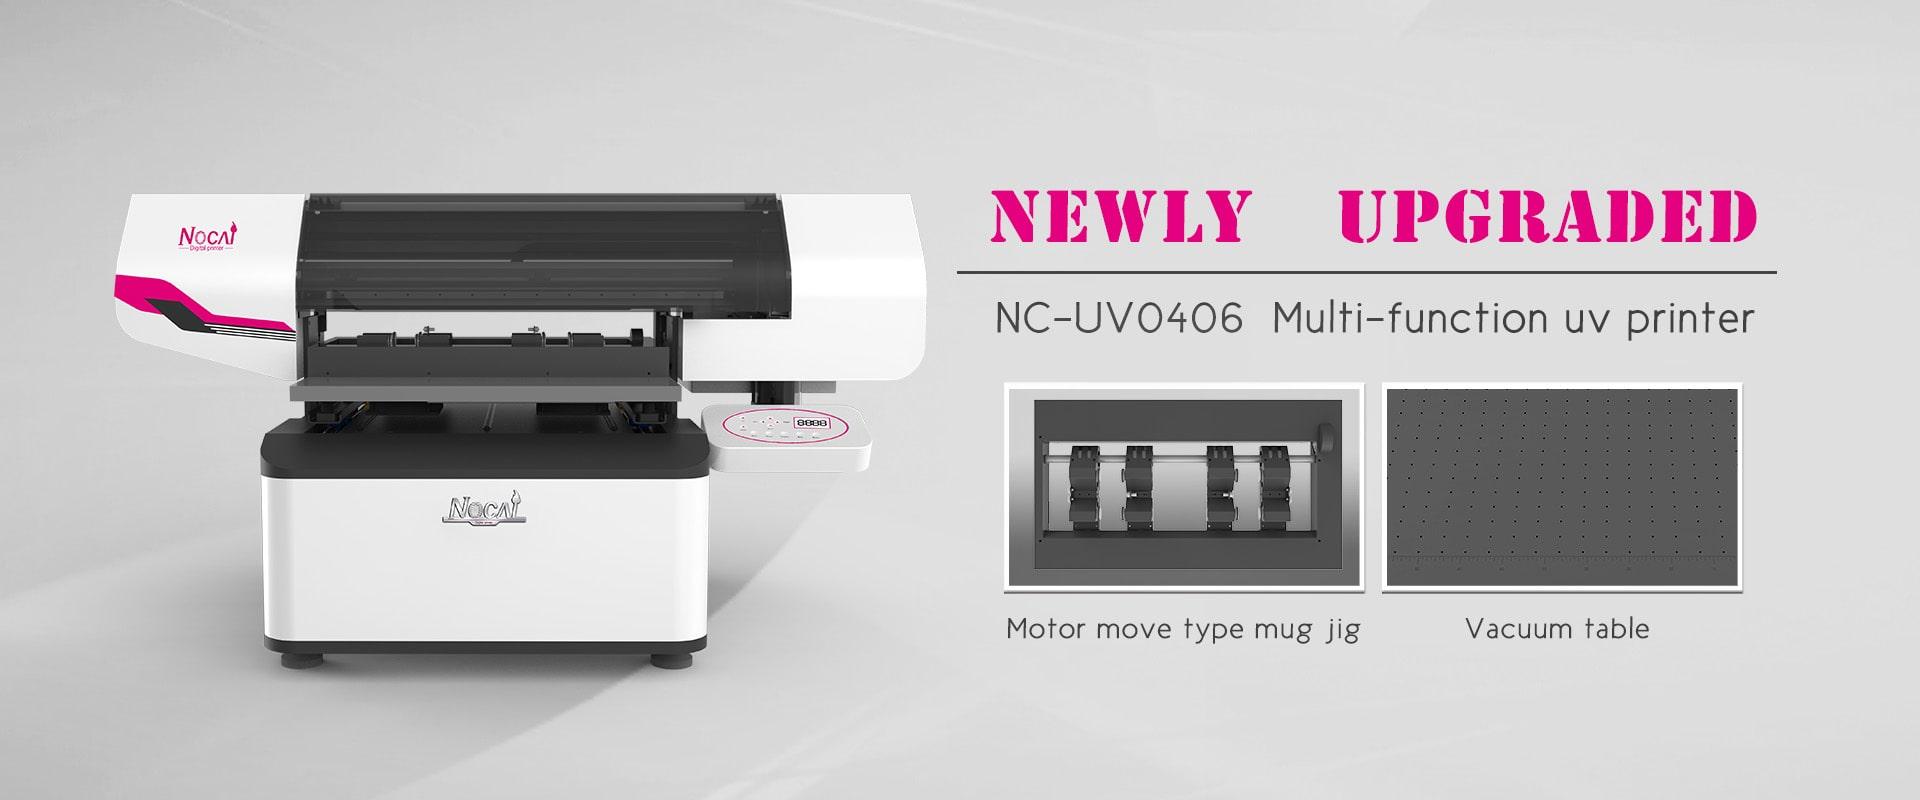 NC-UV0406